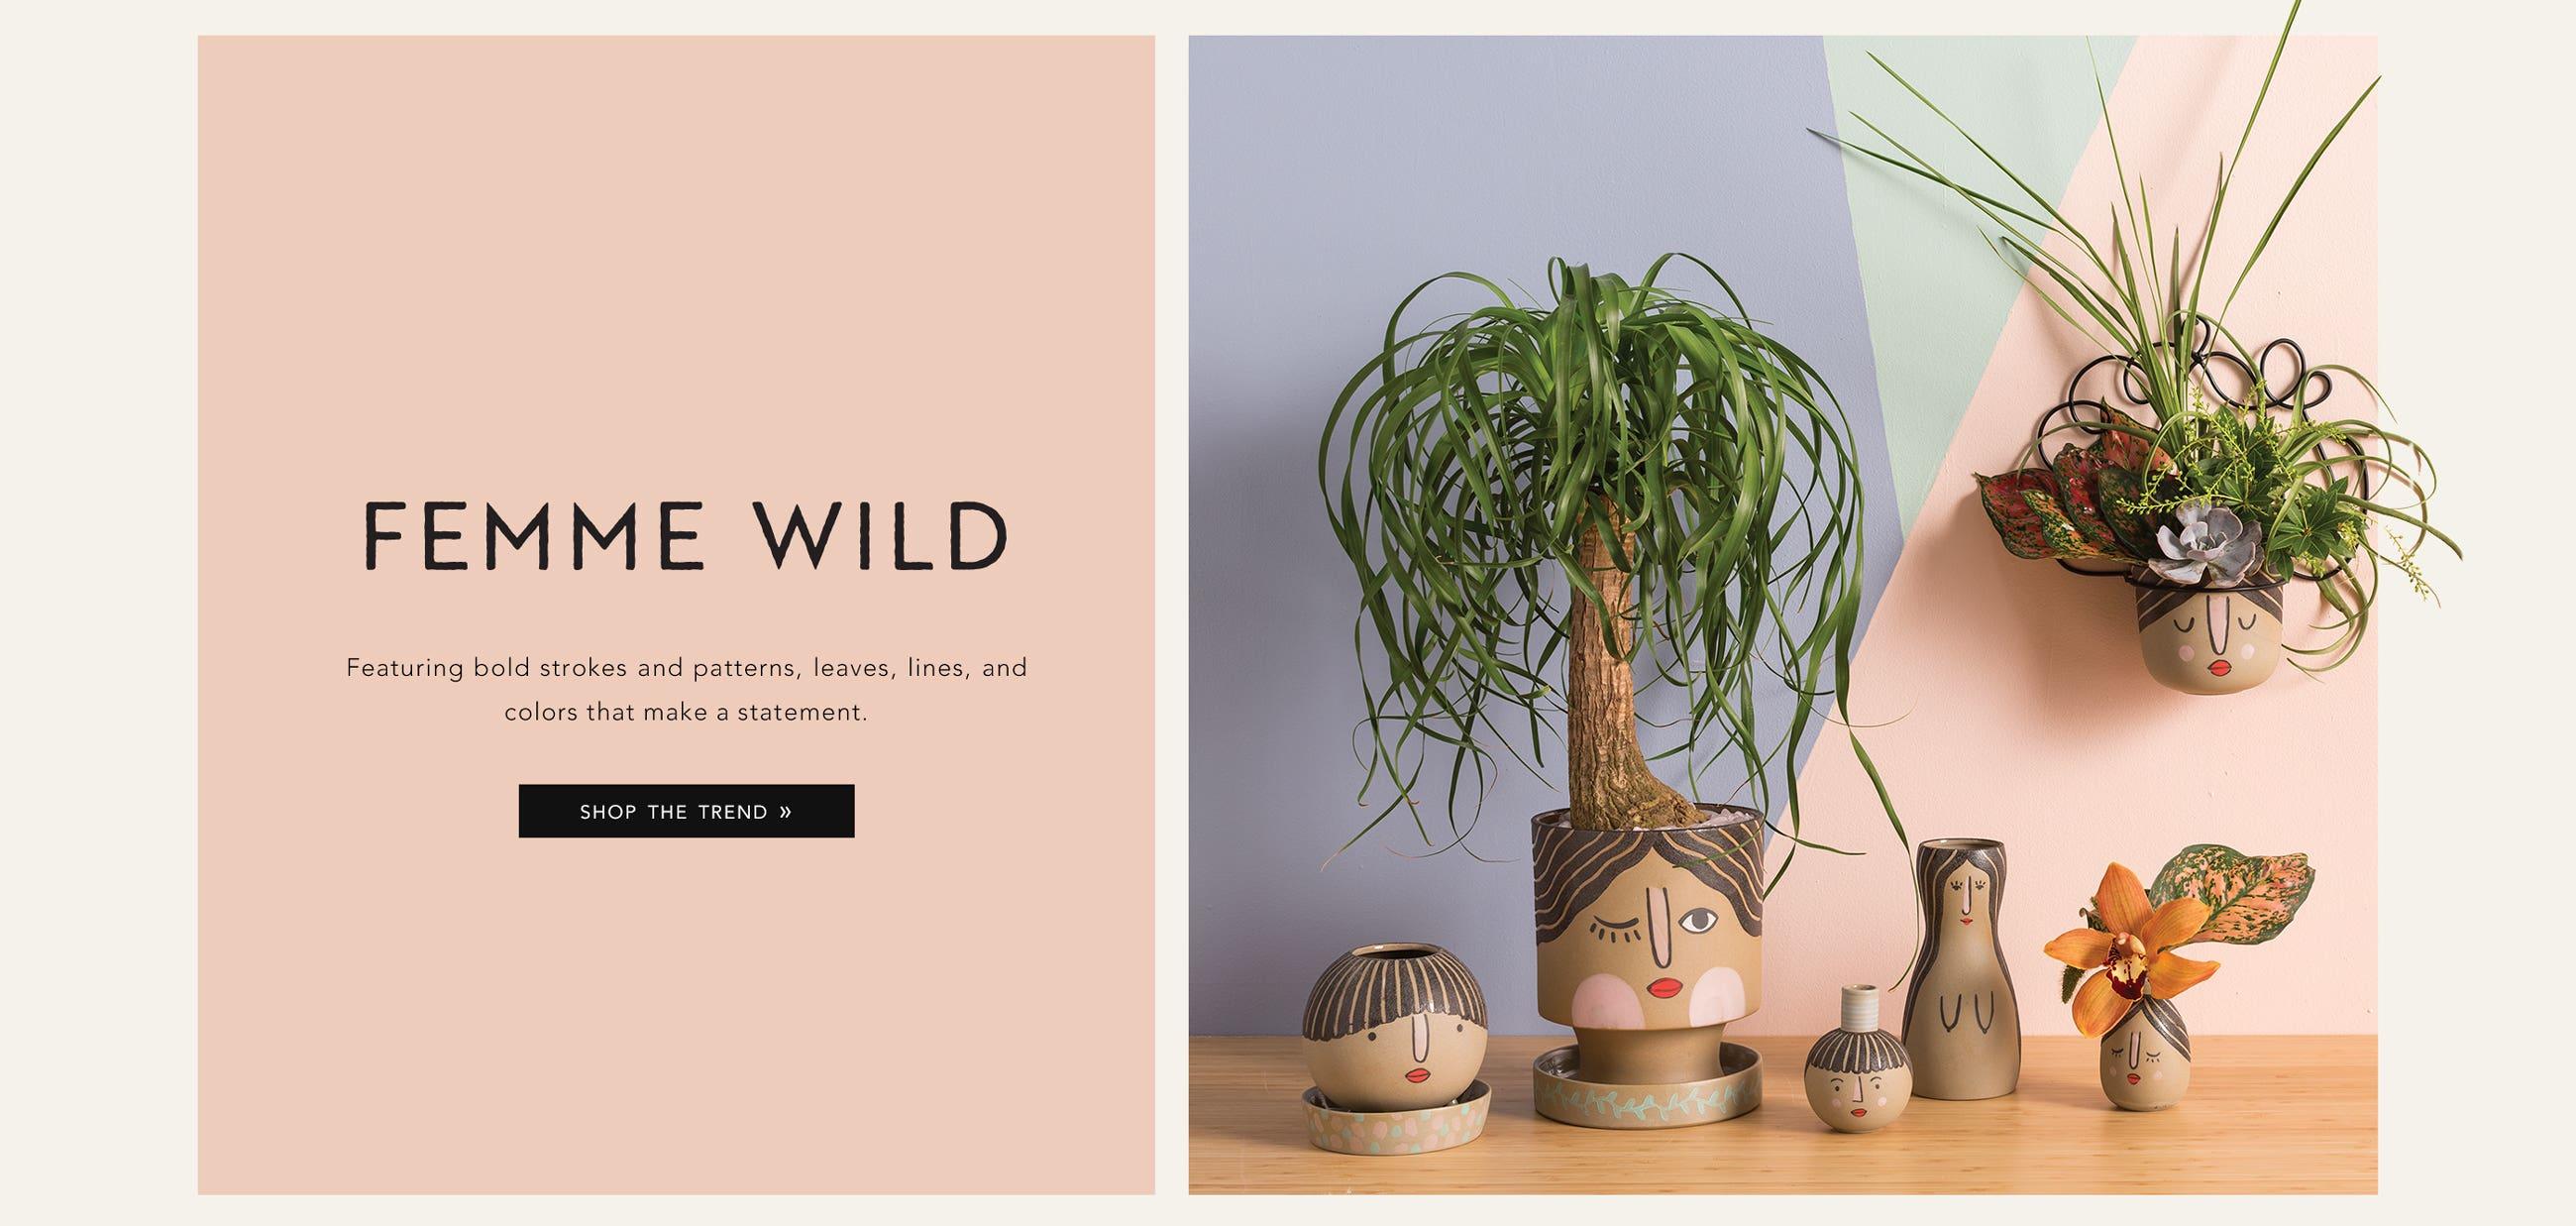 Shop Femme Wild Trend